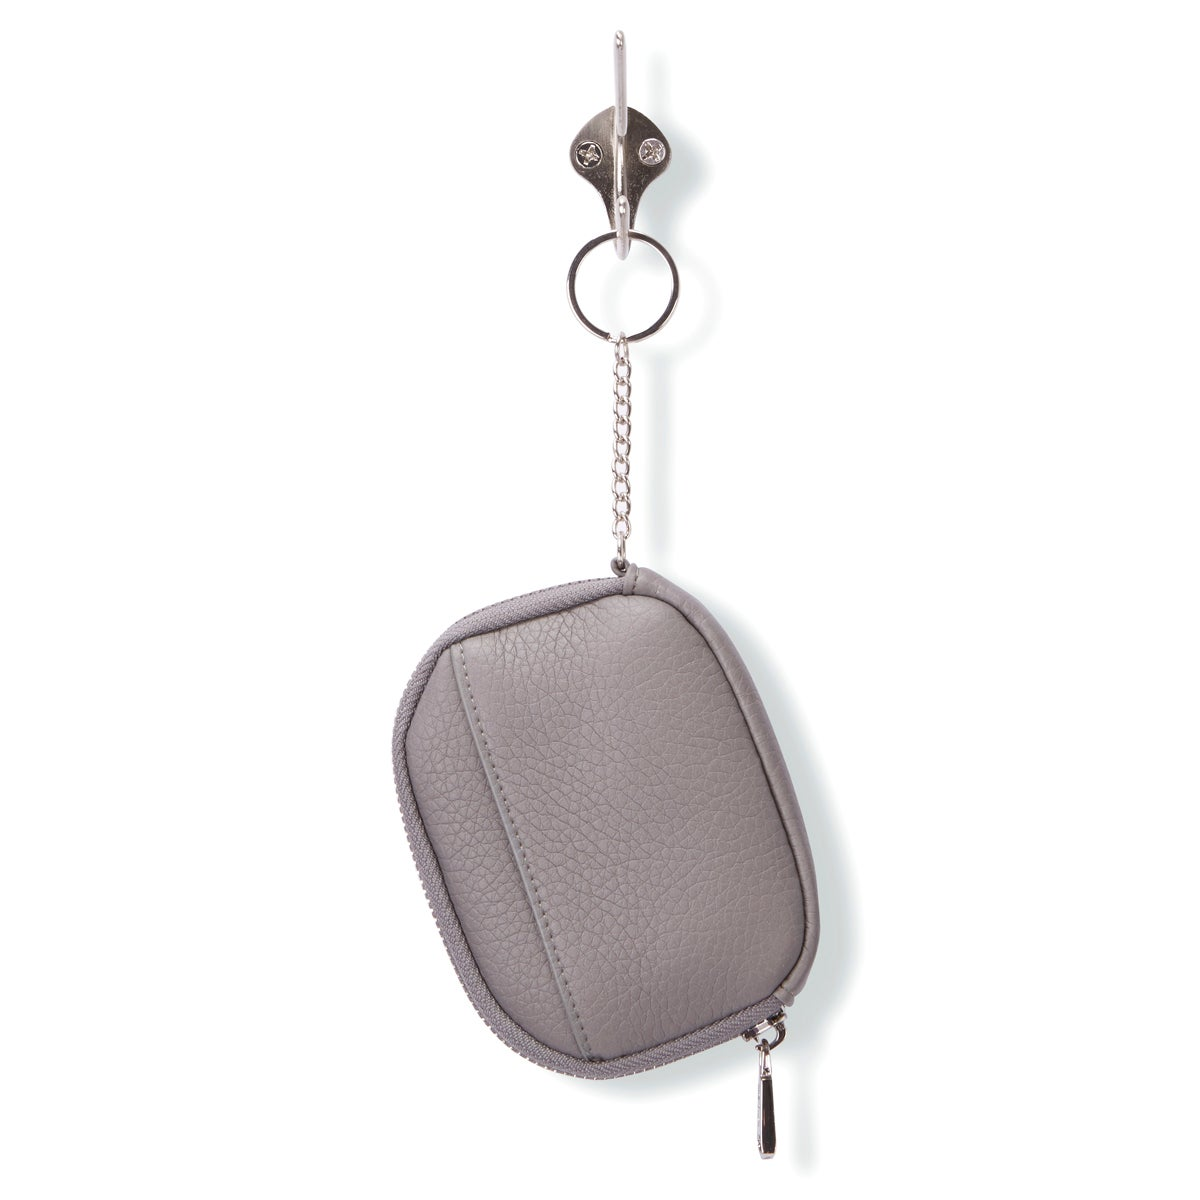 Lds 4888 grey zip up wallet